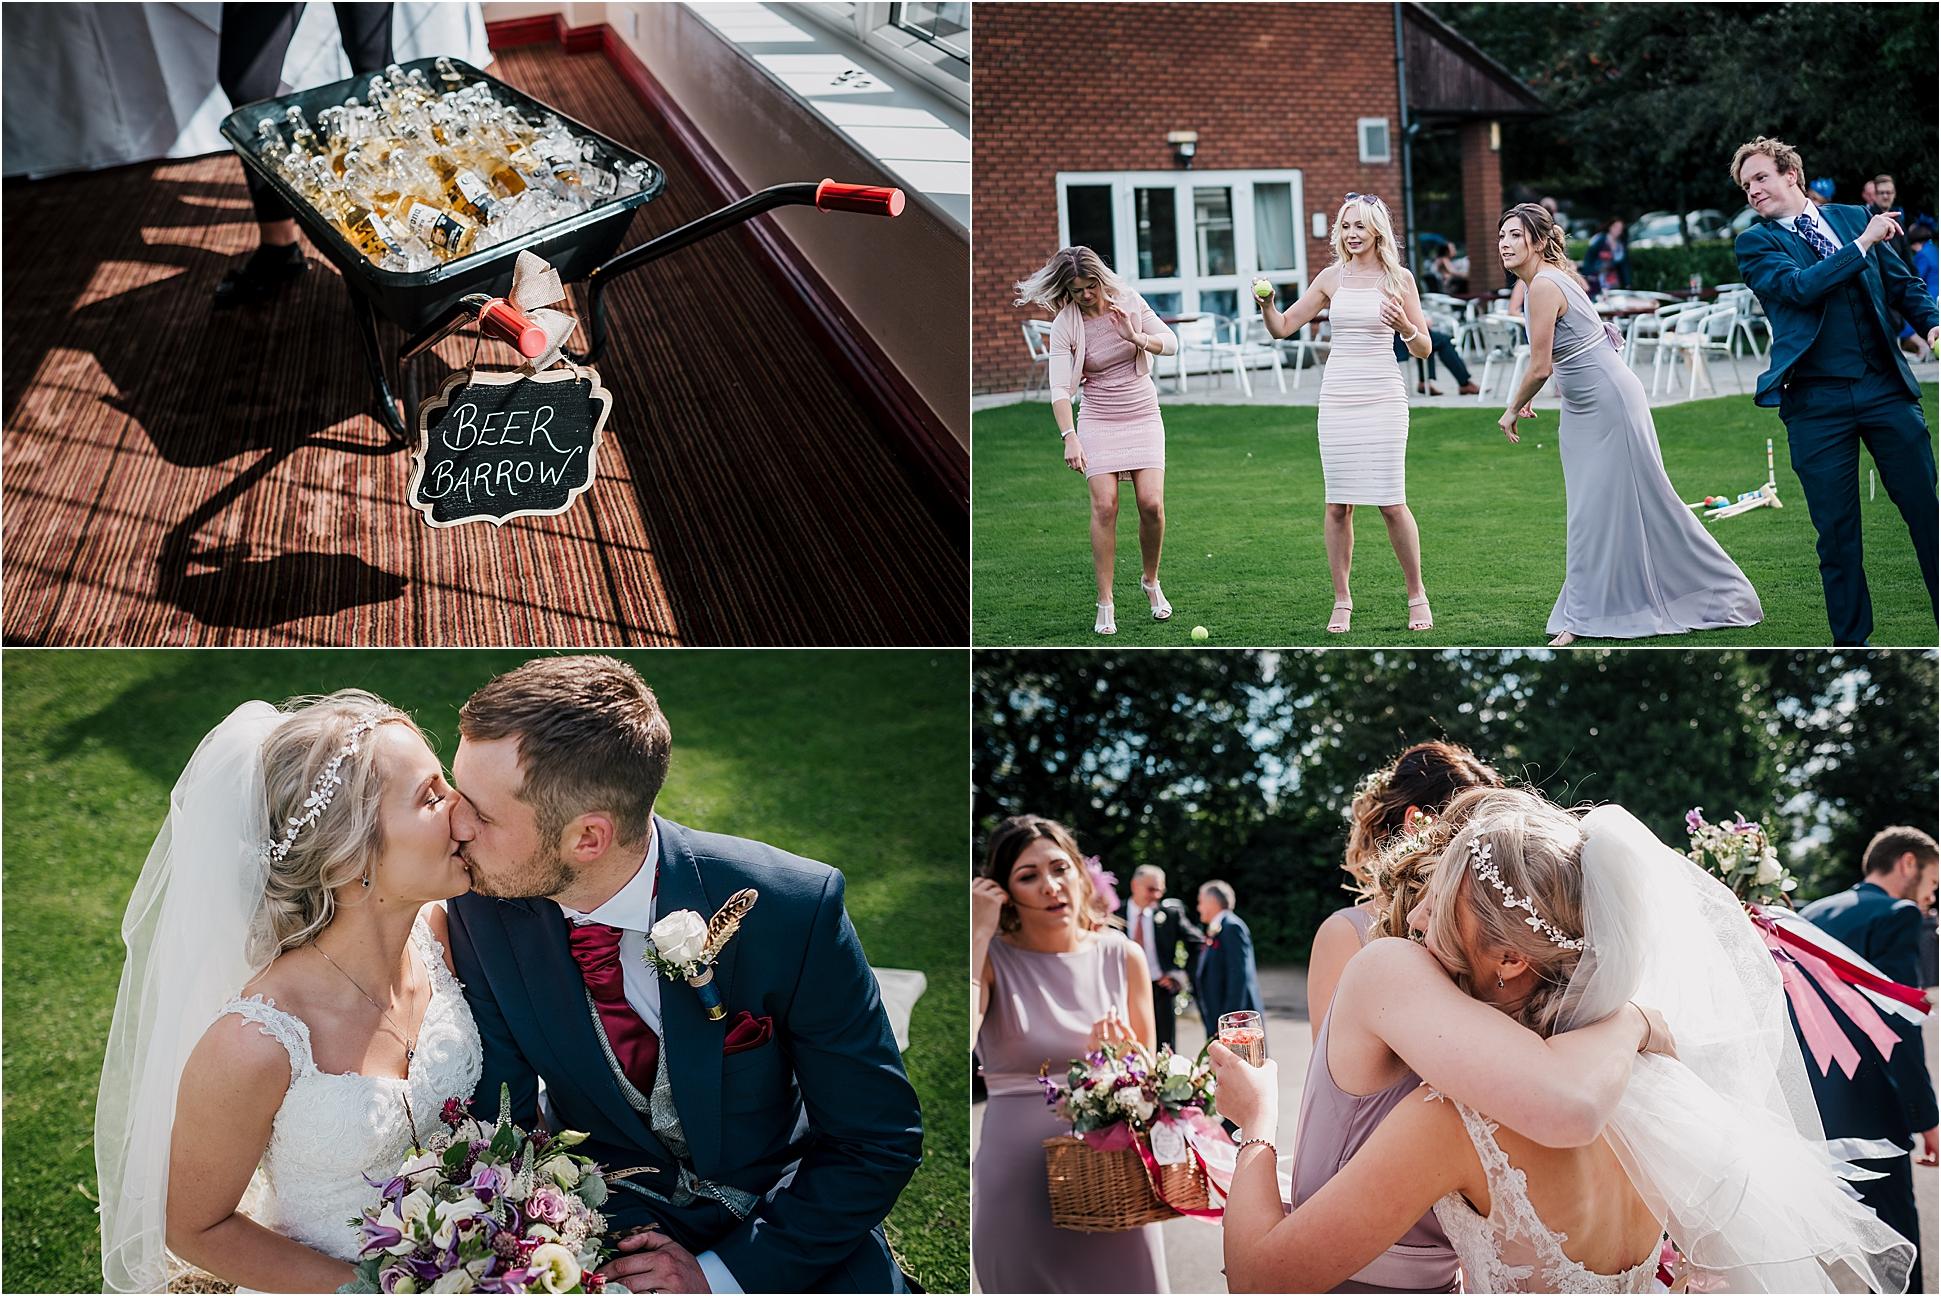 Sara and Mark – Briars Hall Country Wedding